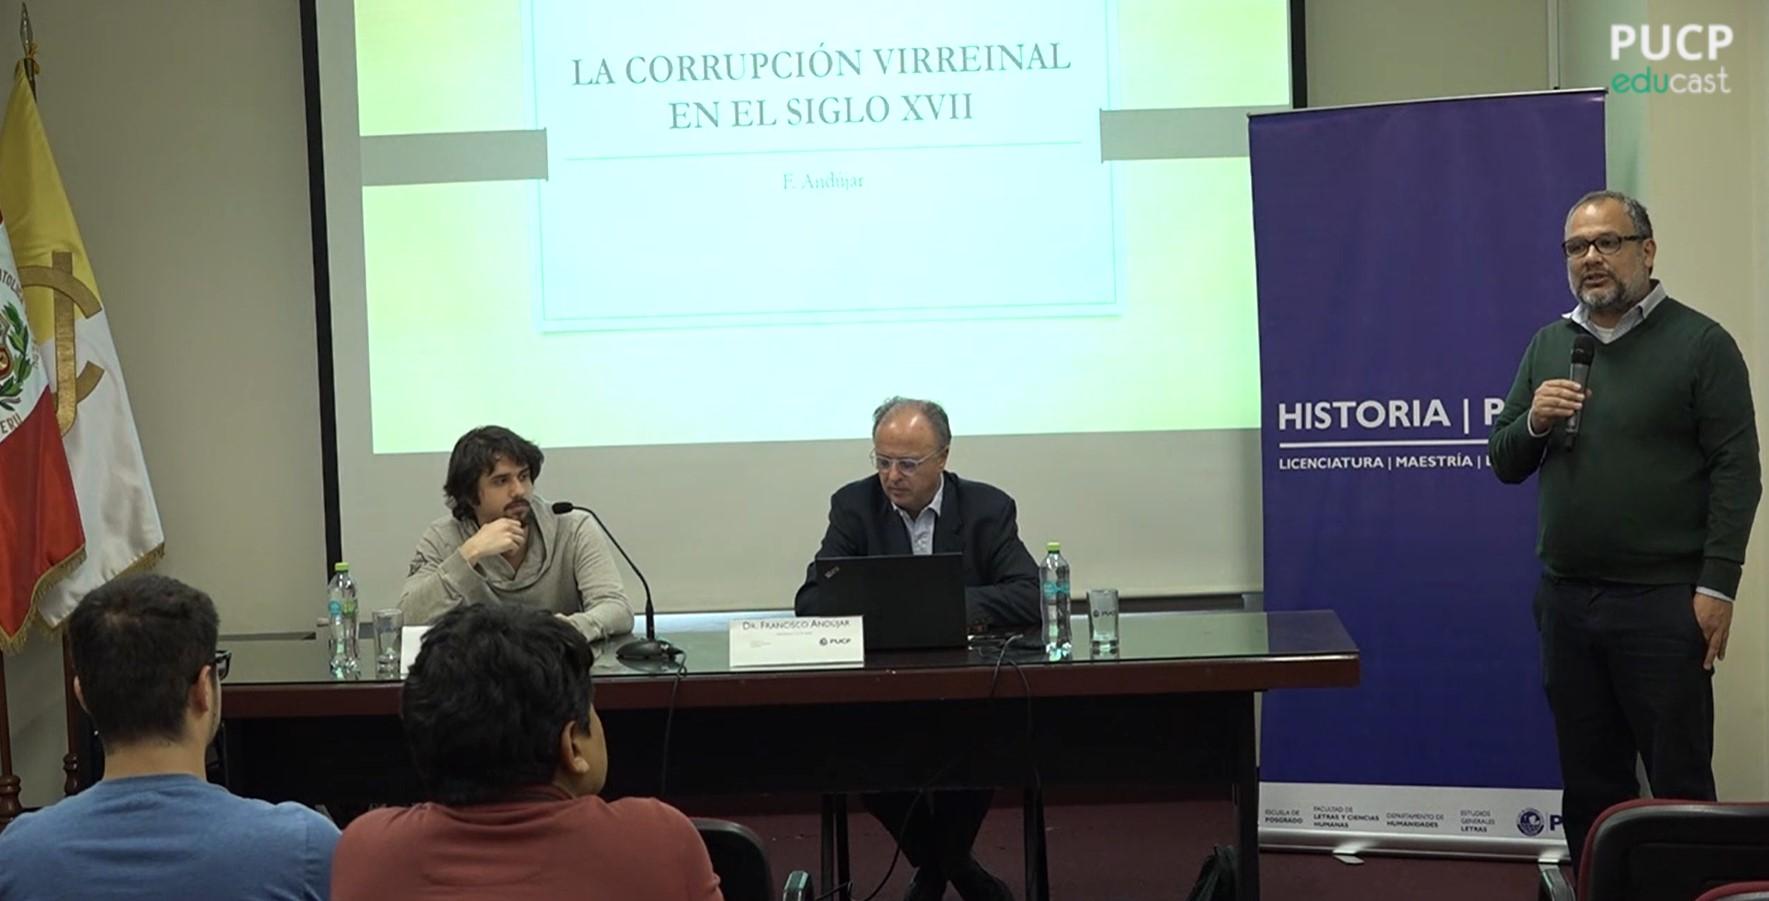 Conferencia: La corrupción virreinal en el siglo XVII: problemas de metodología y fuentes [video]